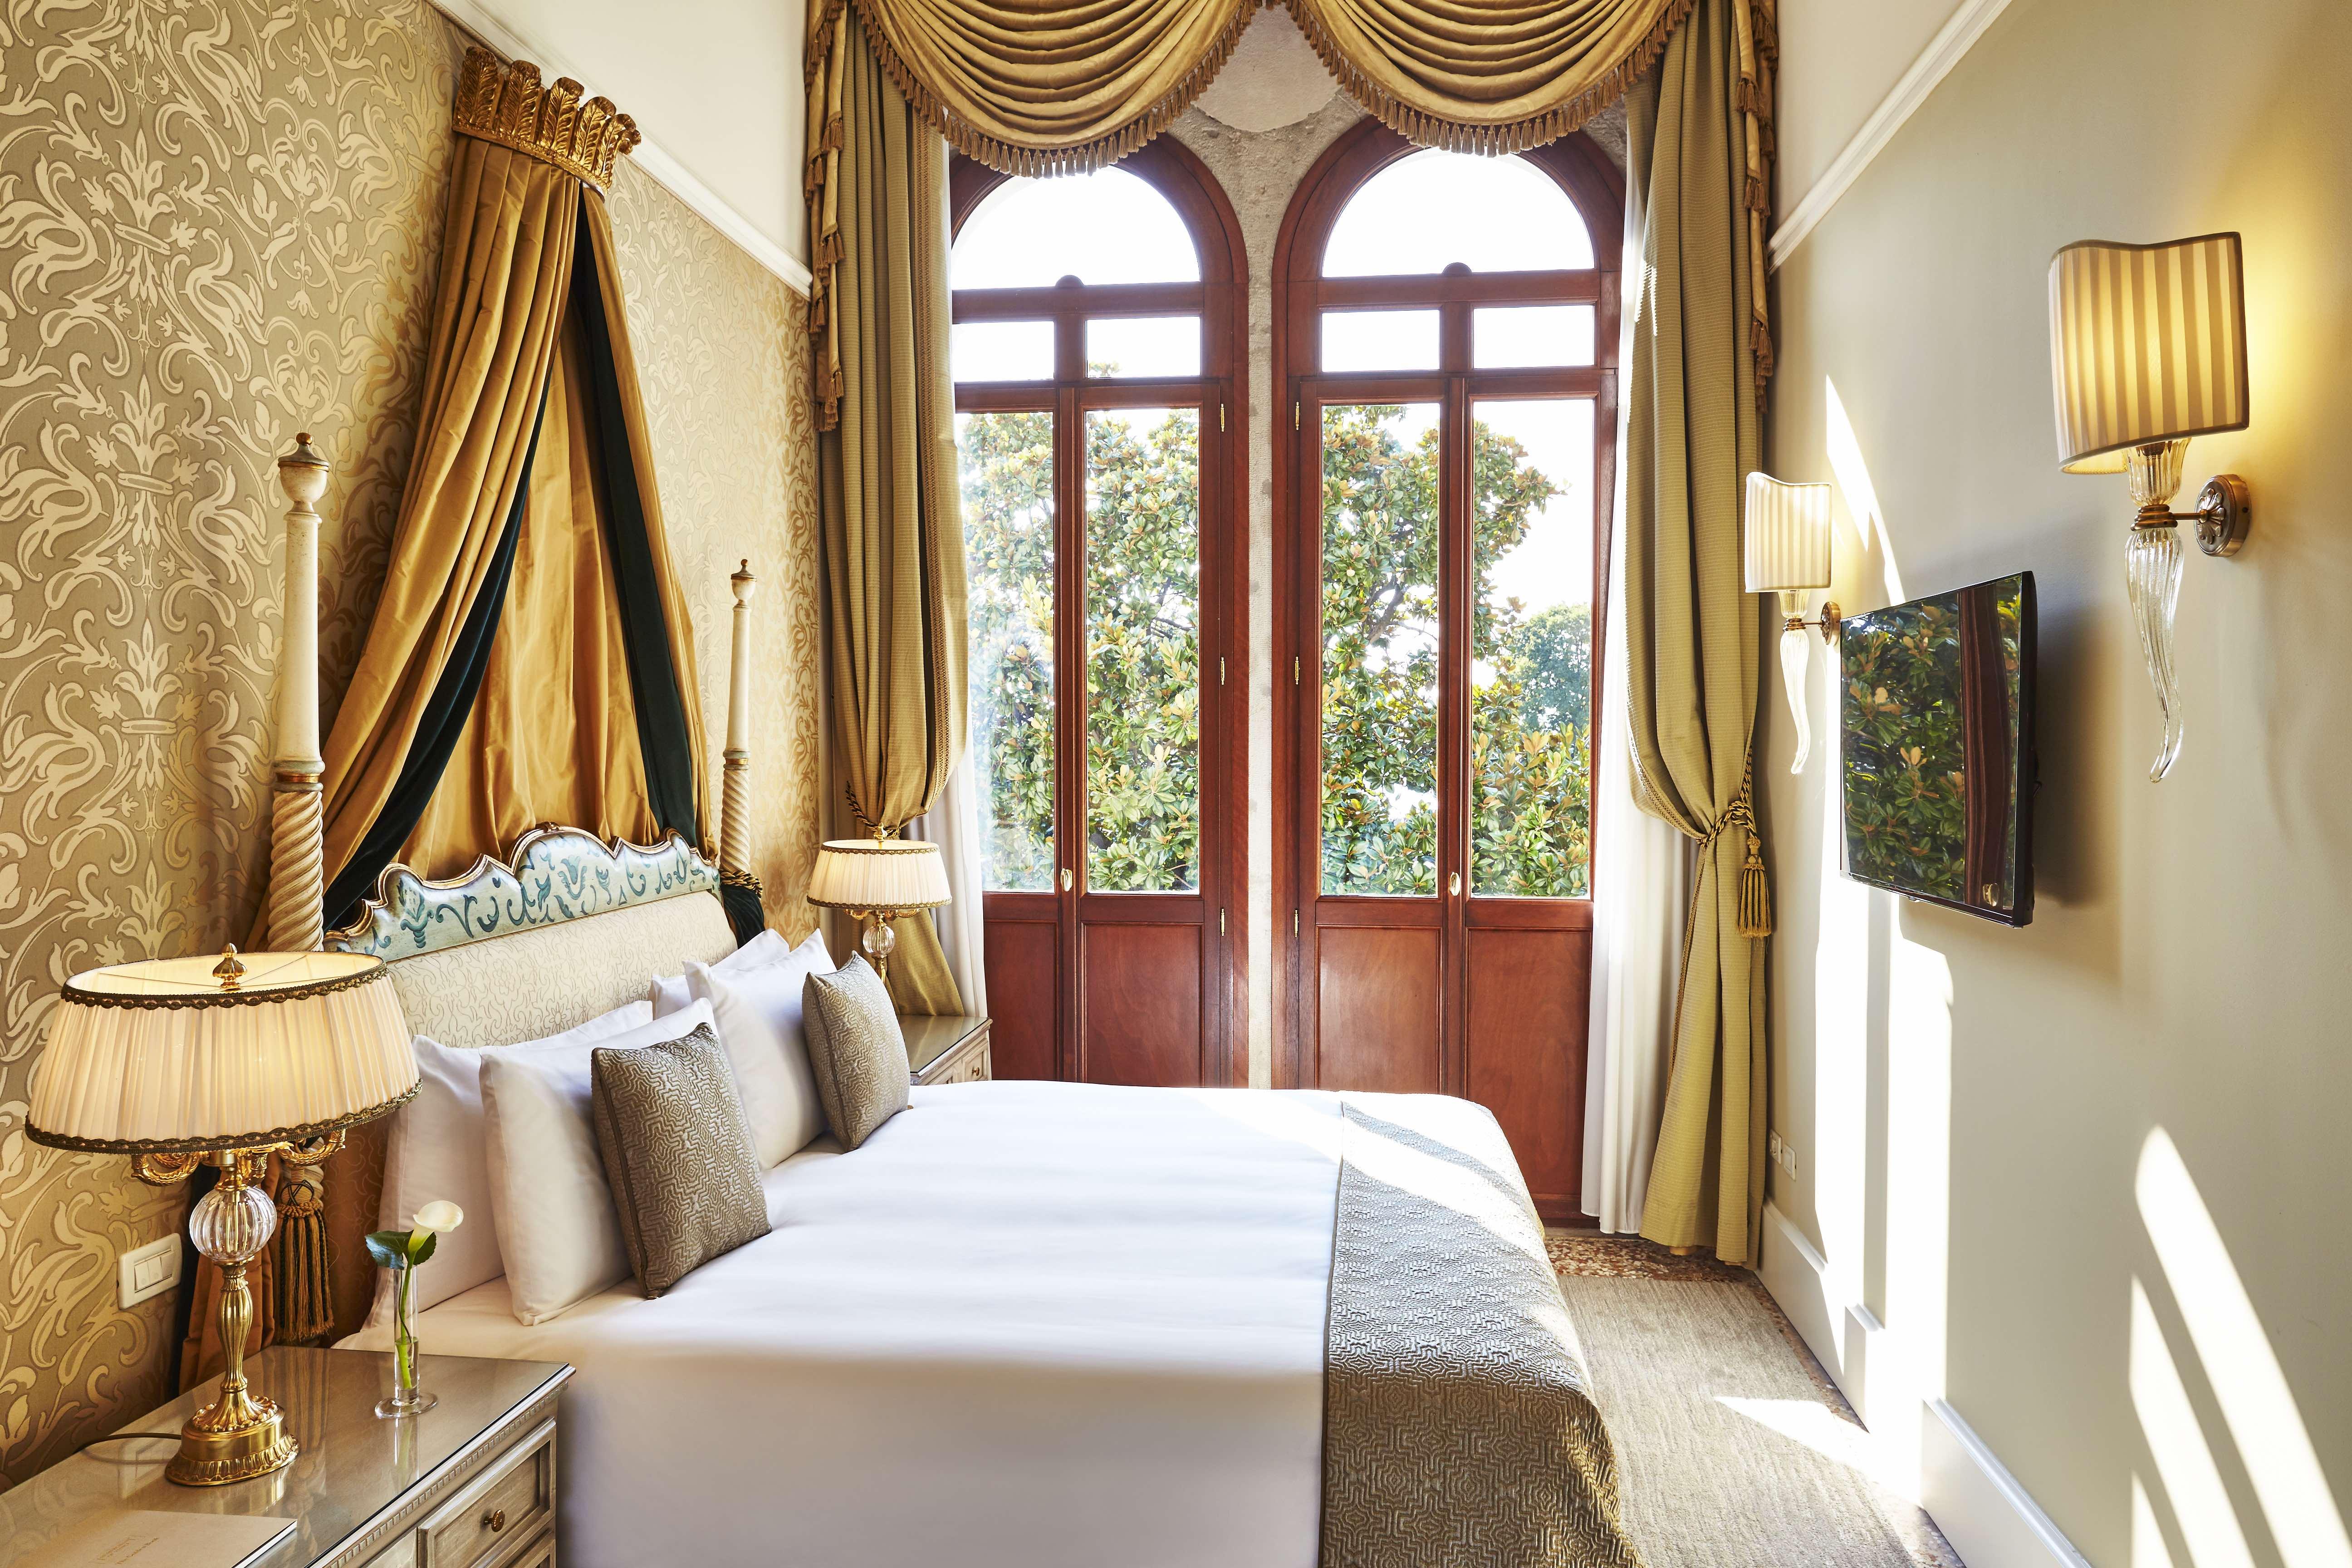 Hitta lyxhotell och lyxiga resorts med HOOM. Vi har en guide med ett stort antal utvalda och handplockade hotell och resorts i världens alla hörn.